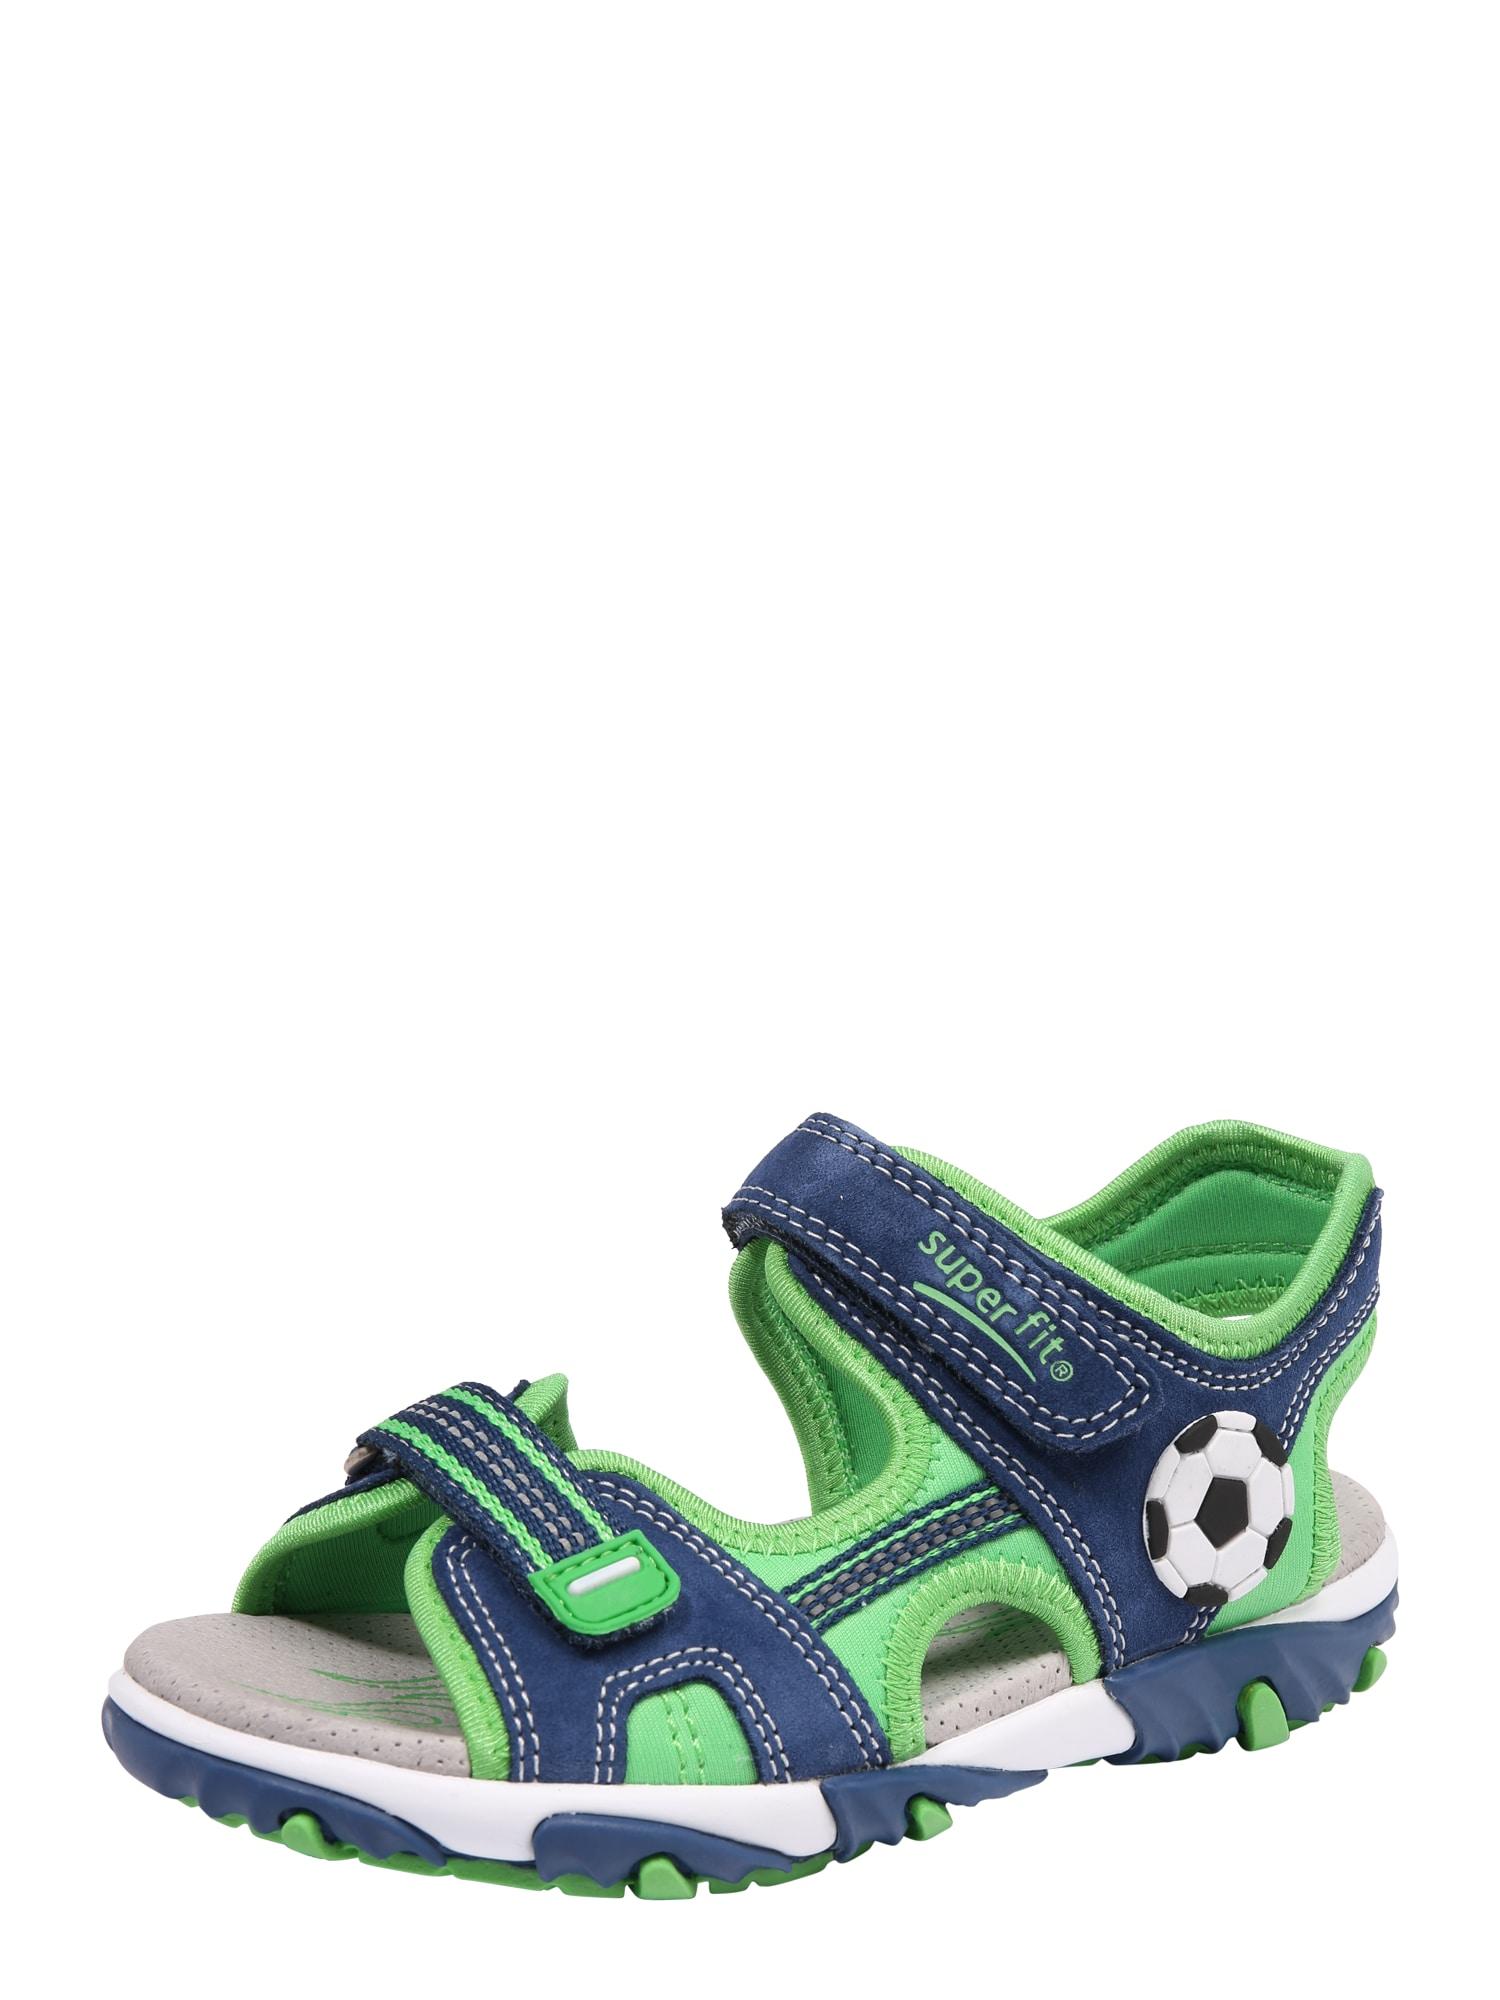 Otevřená obuv MIKE 2 modrá zelená SUPERFIT